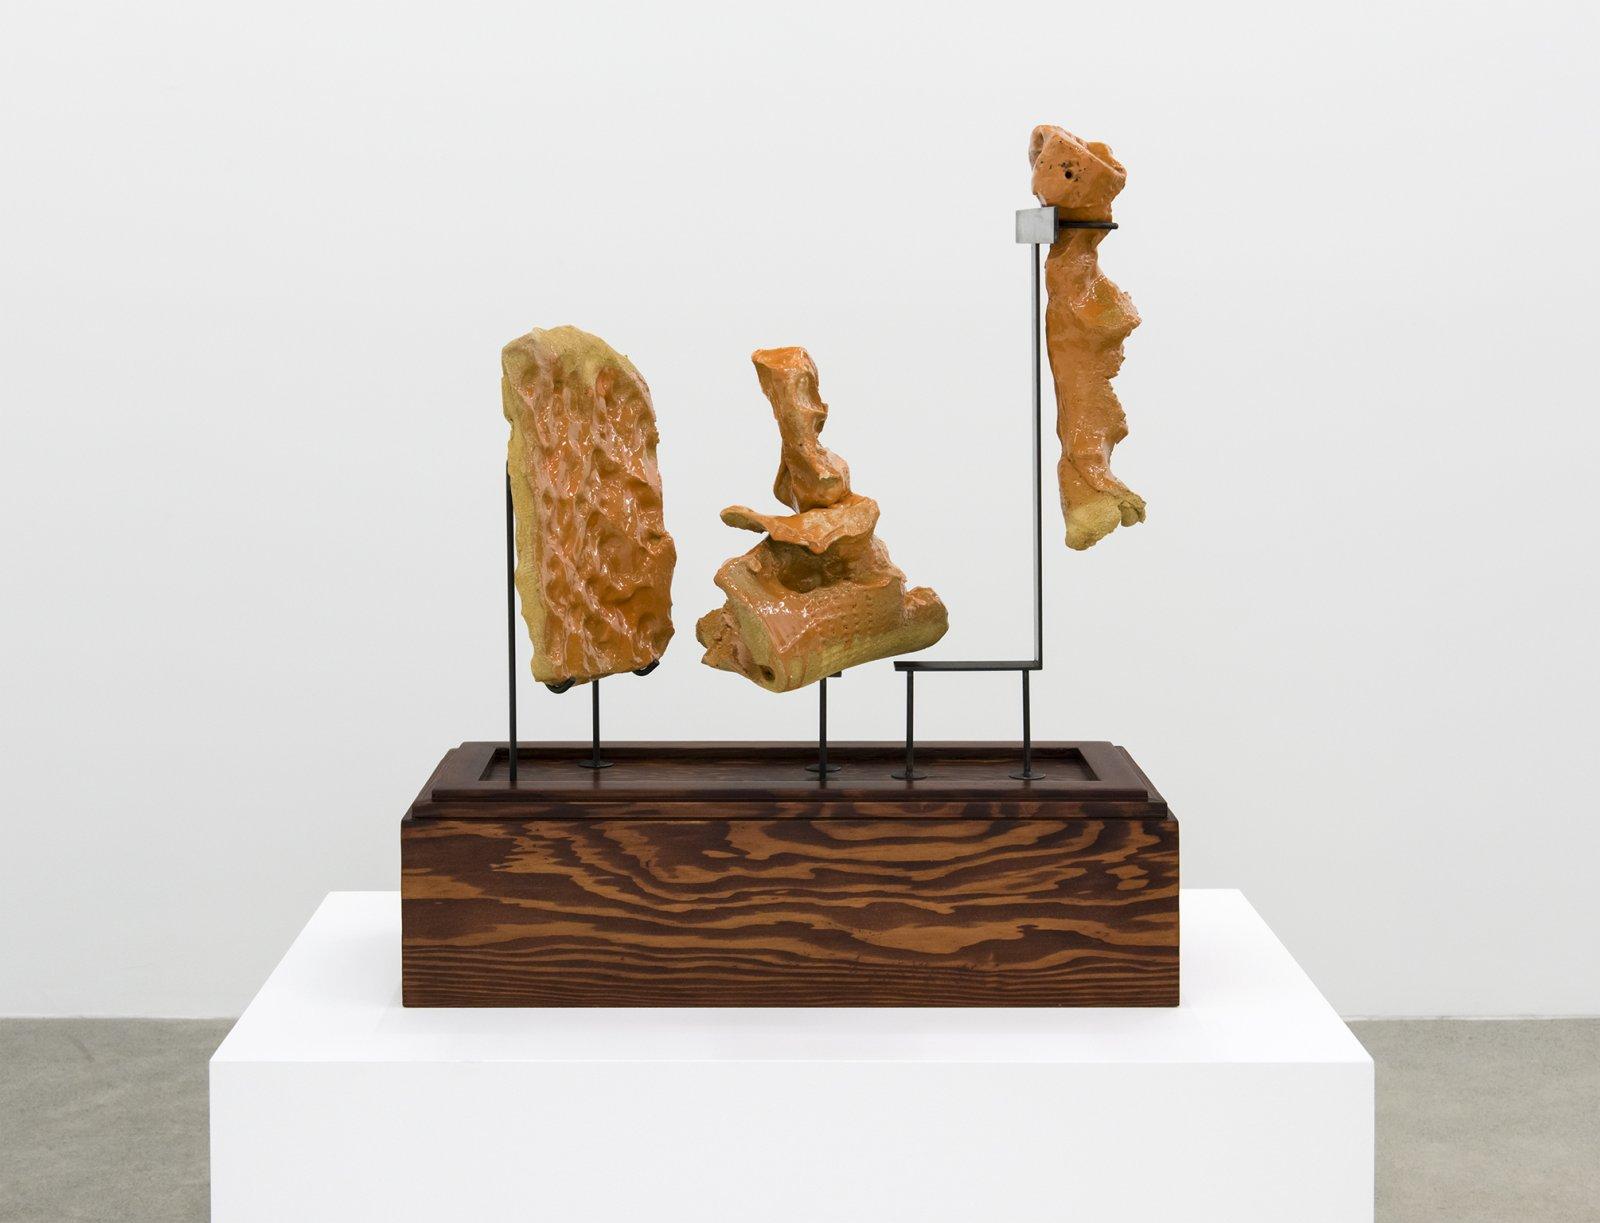 Damian Moppett, Early One Morning Sketch, 2016, glazed stoneware, wood, steel, 24 x 20 x 9 in. (60 x 51 x 23 cm) by Damian Moppett